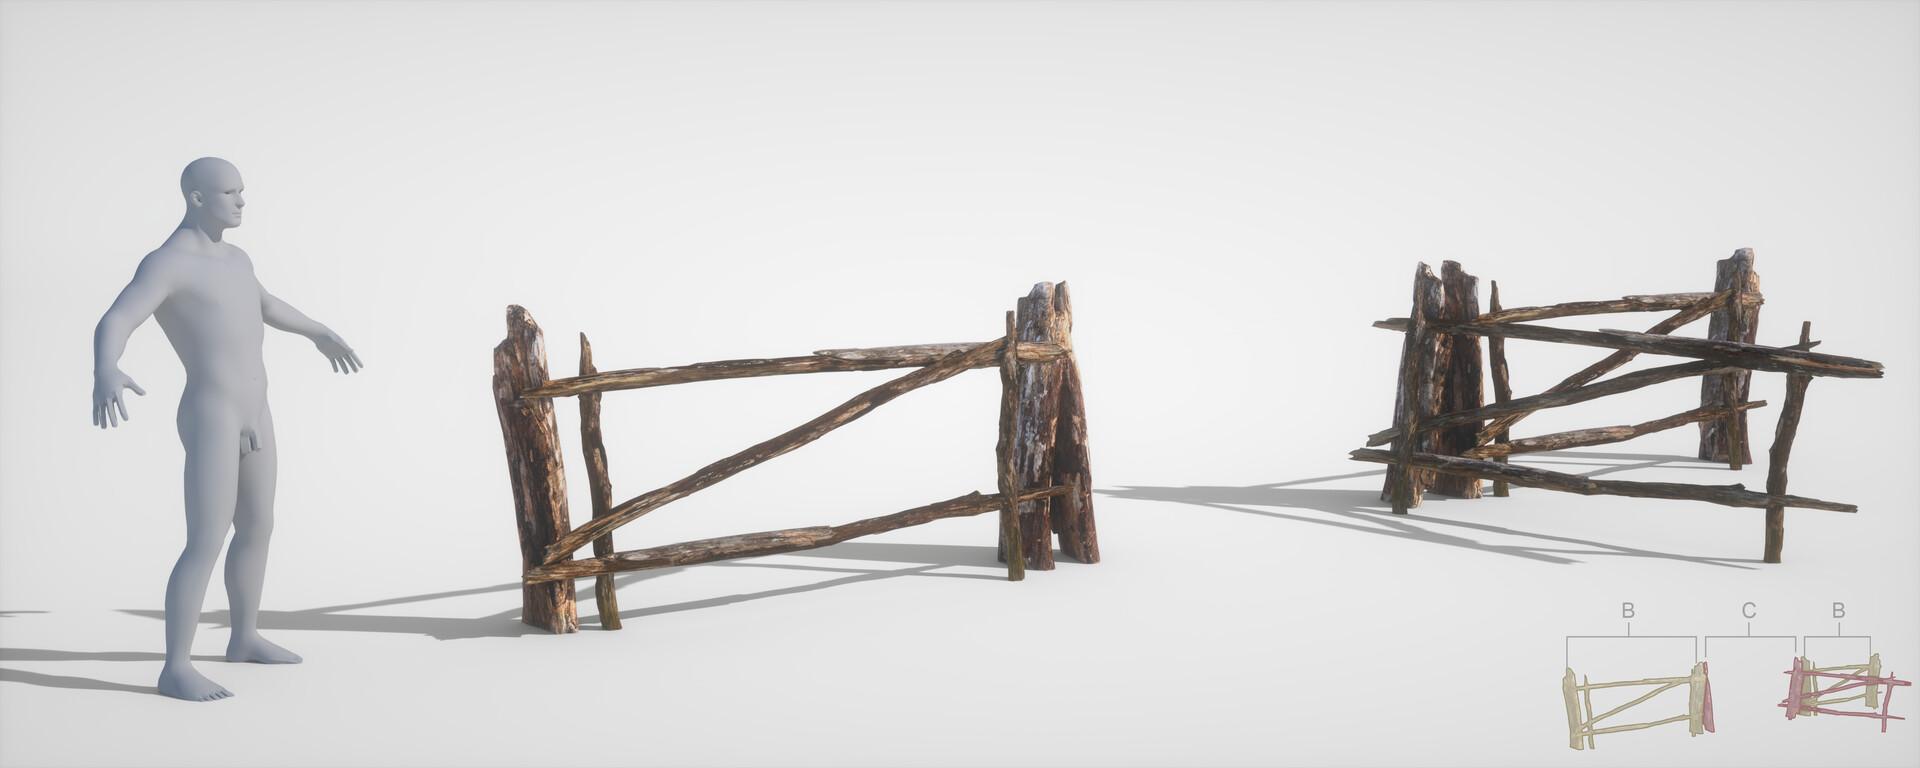 Jordi van hees fence open